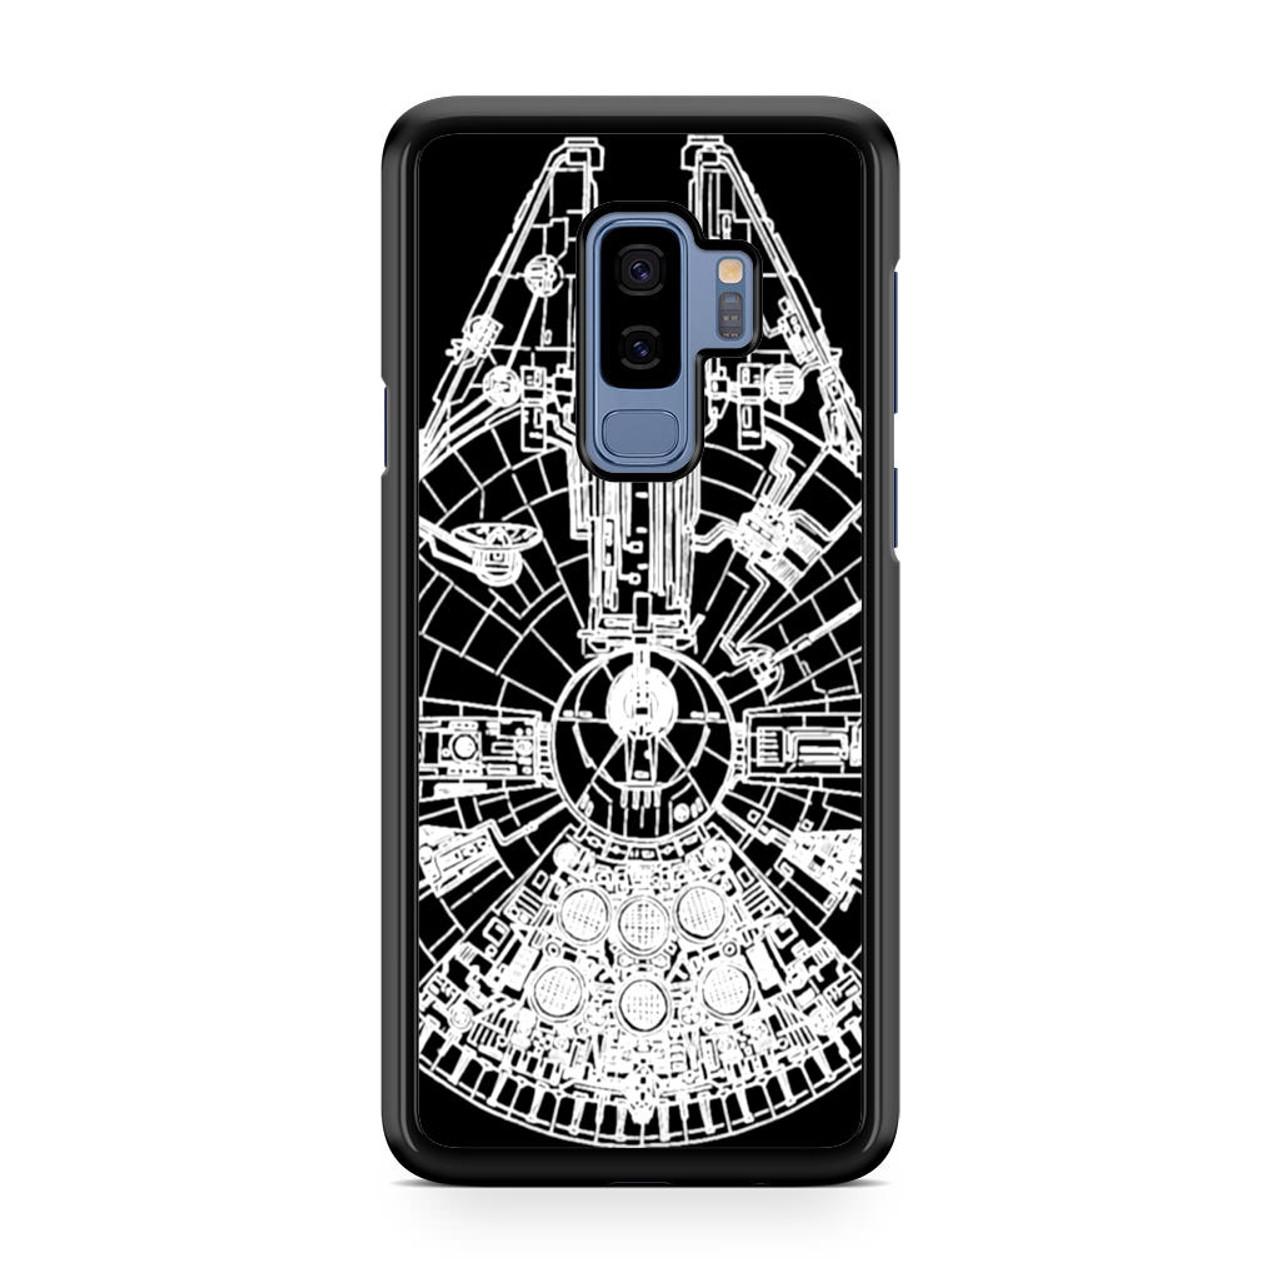 size 40 e9846 d22d1 Star Wars Millenium Falcon Samsung Galaxy S9 Plus Case